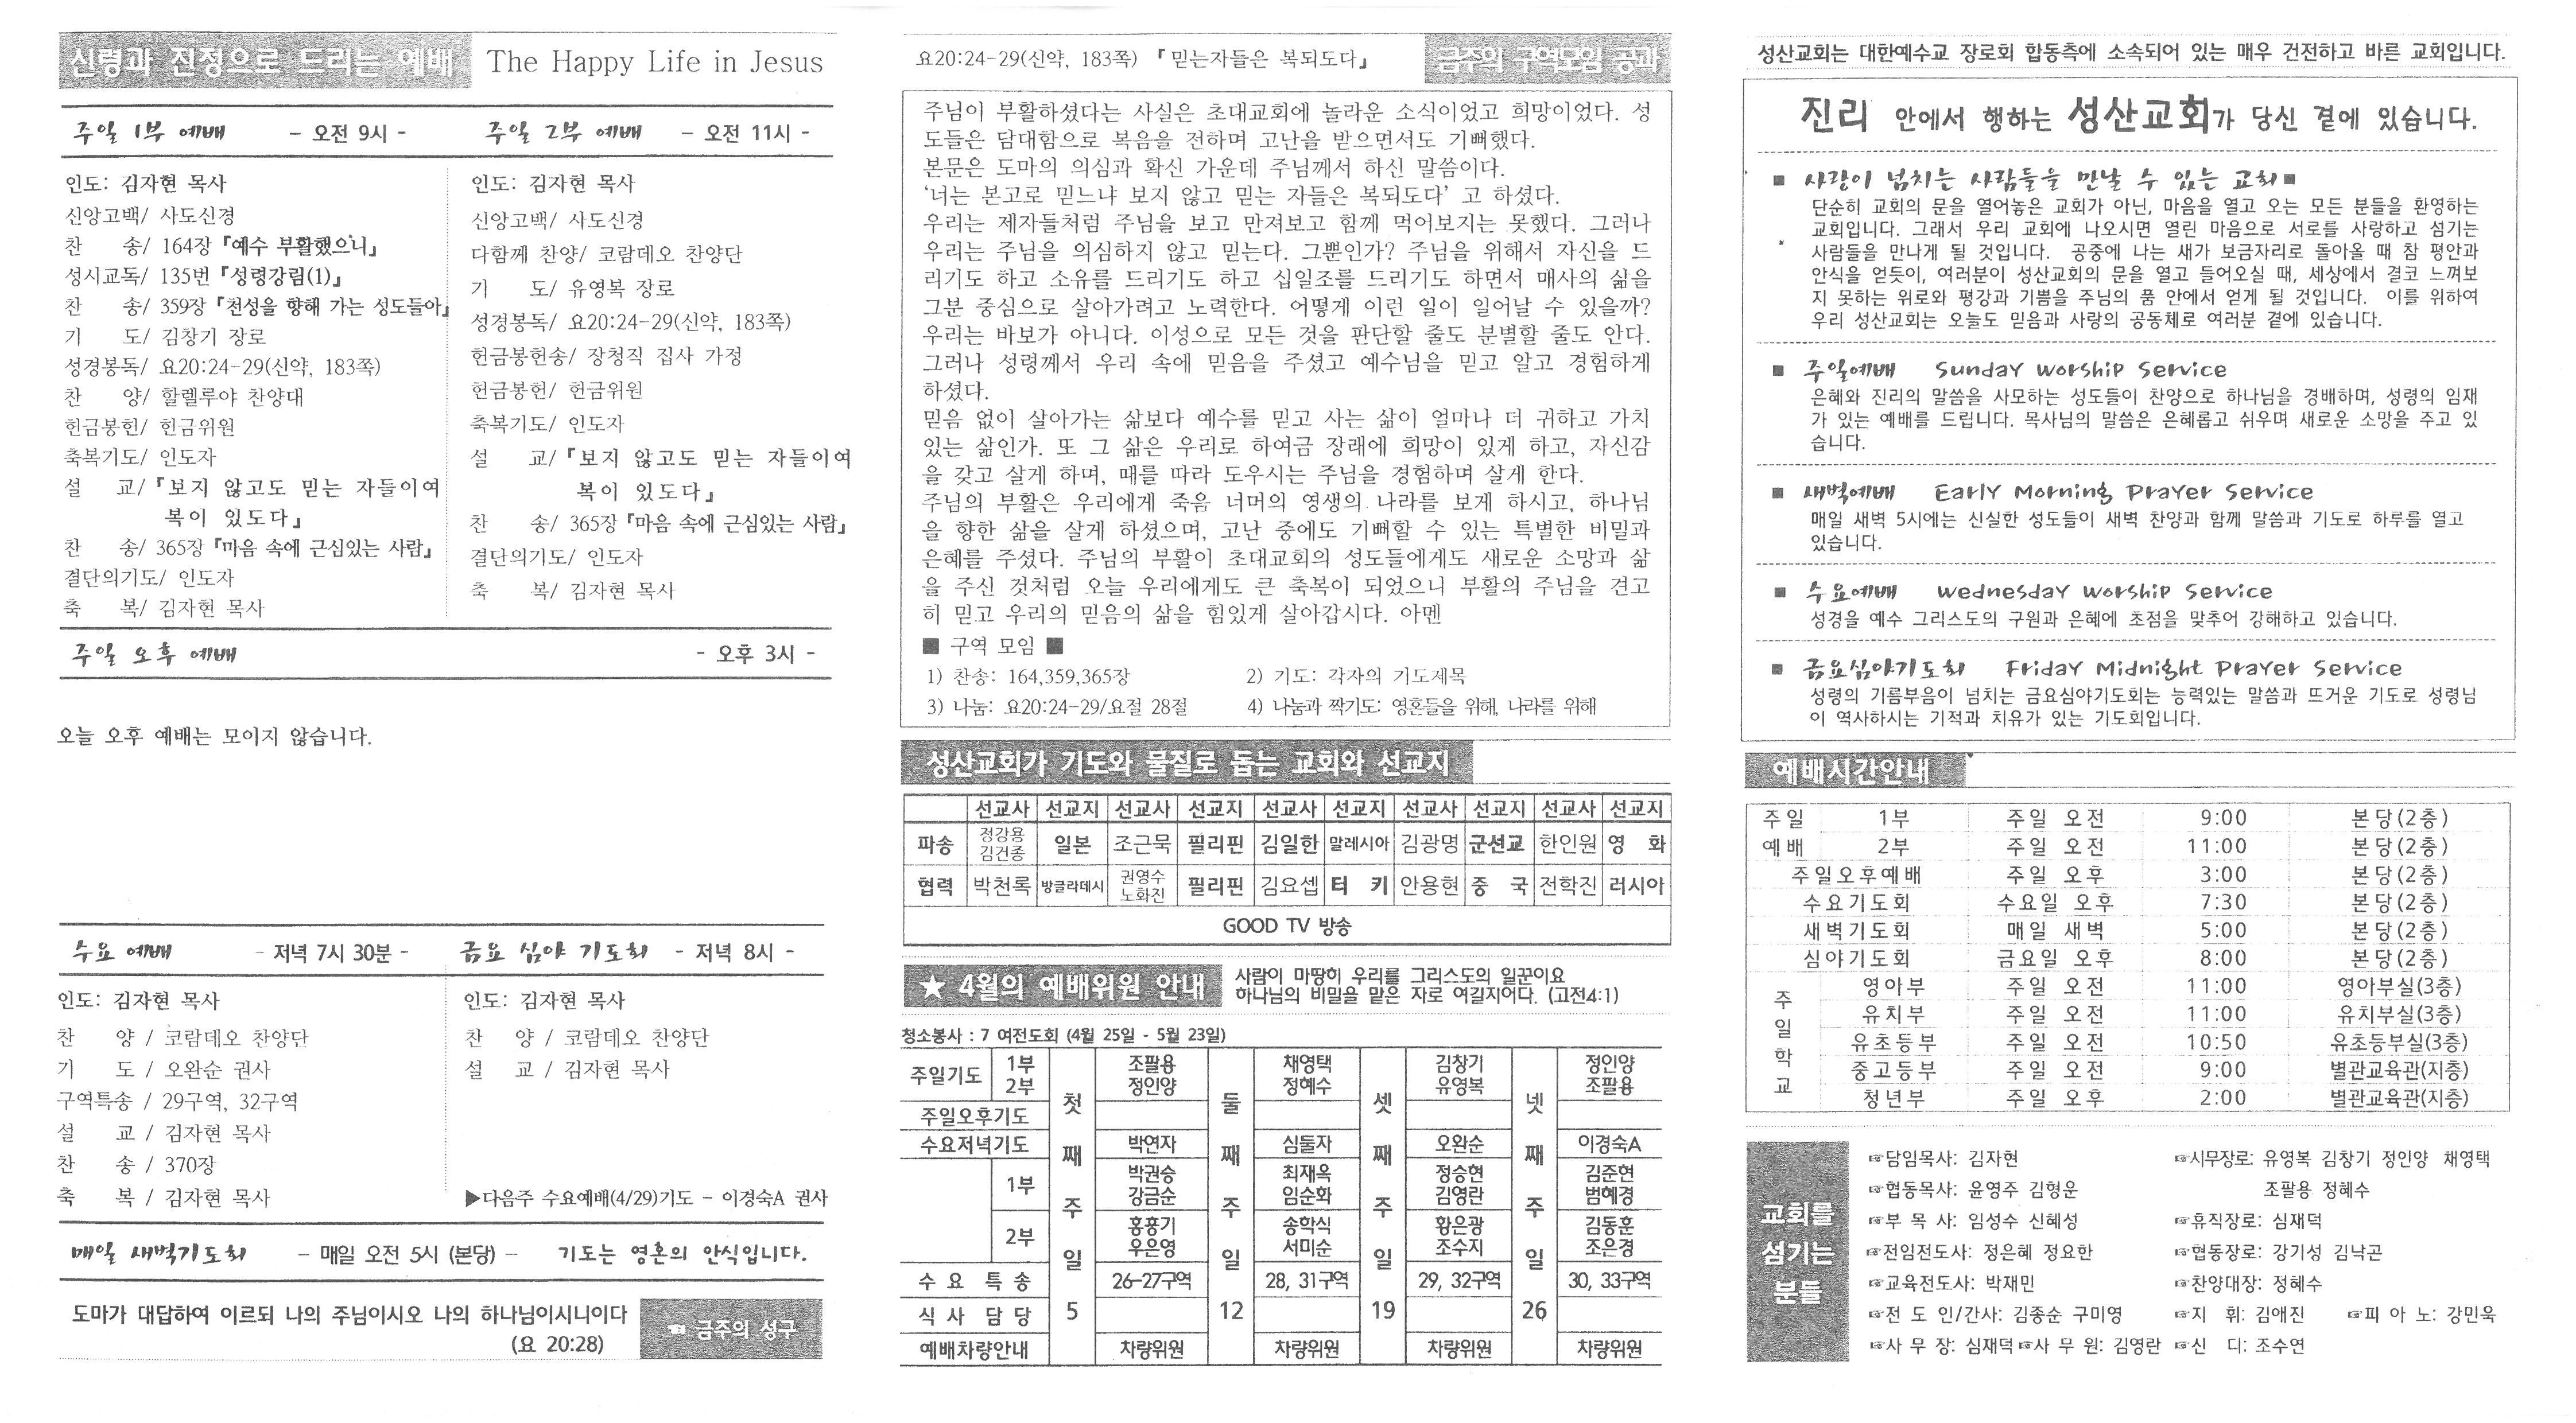 S22C-6e20041815590_0001.jpg